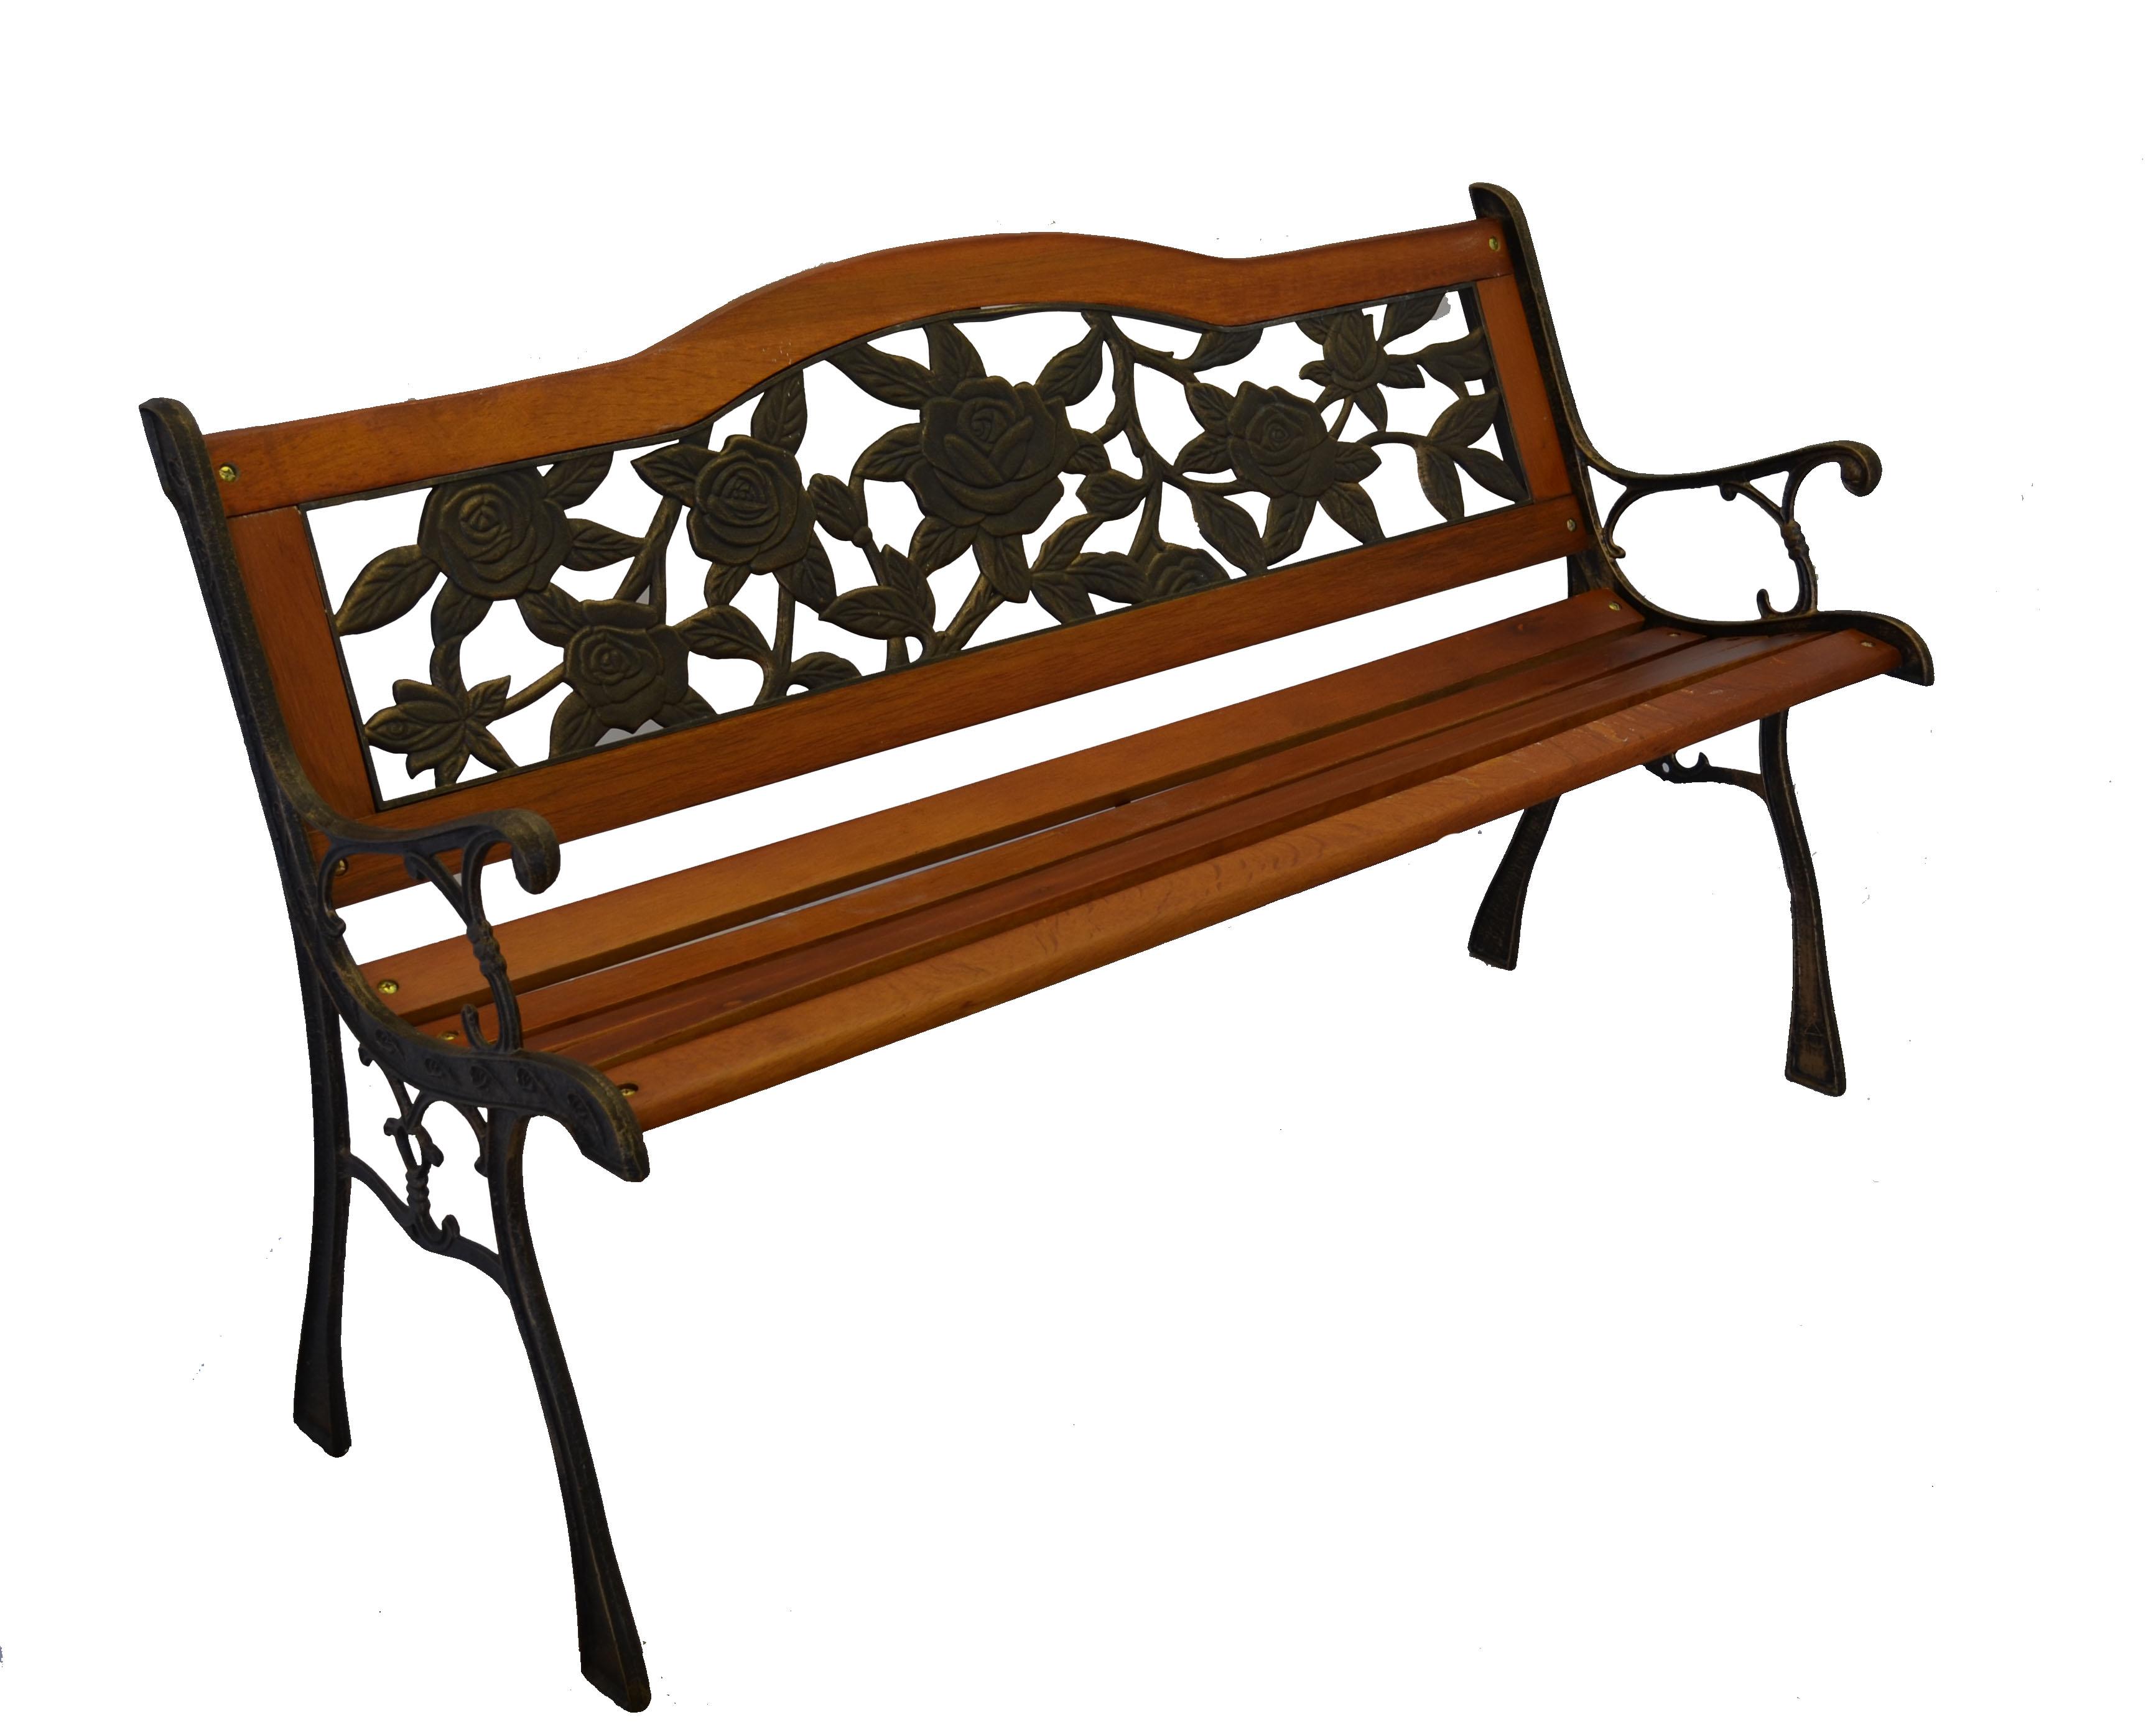 Rose Bloom Cast Iron Park Bench W Resin Back Insert For Yard Or Garden V2 Ebay